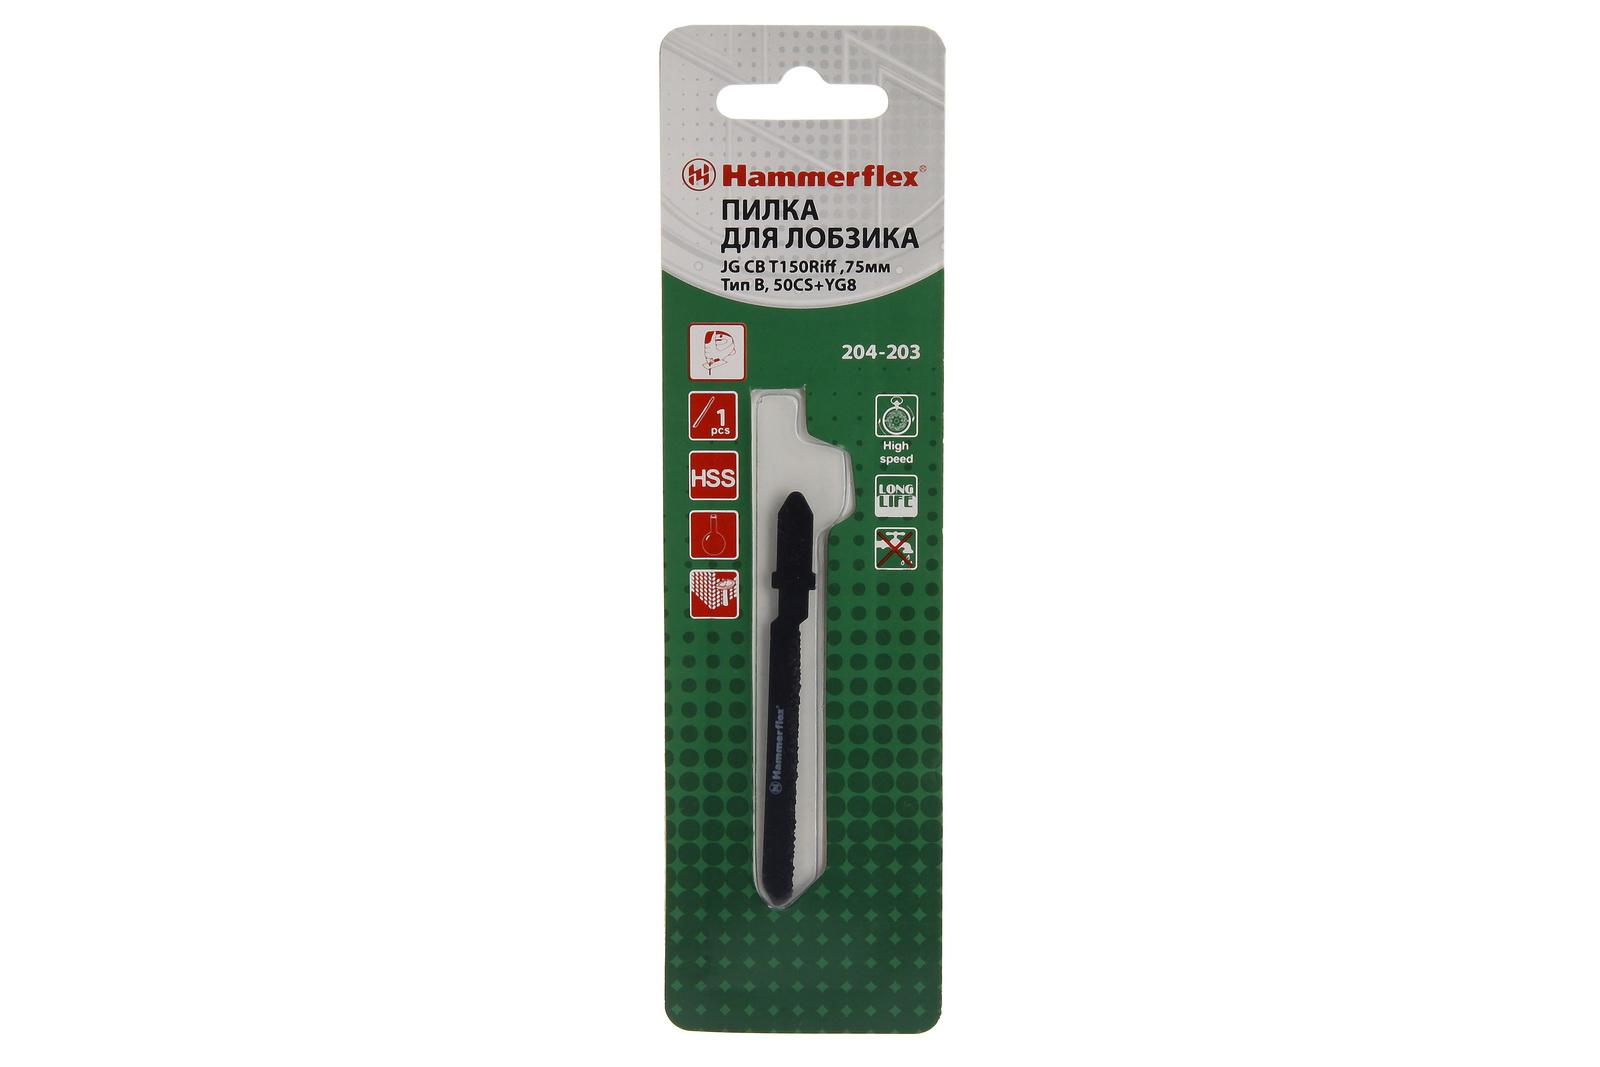 Пилки для лобзика Hammer Jg cb t150riff тип В пилки для лобзика по металлу для прямых пропилов bosch t118a 1 3 мм 5 шт